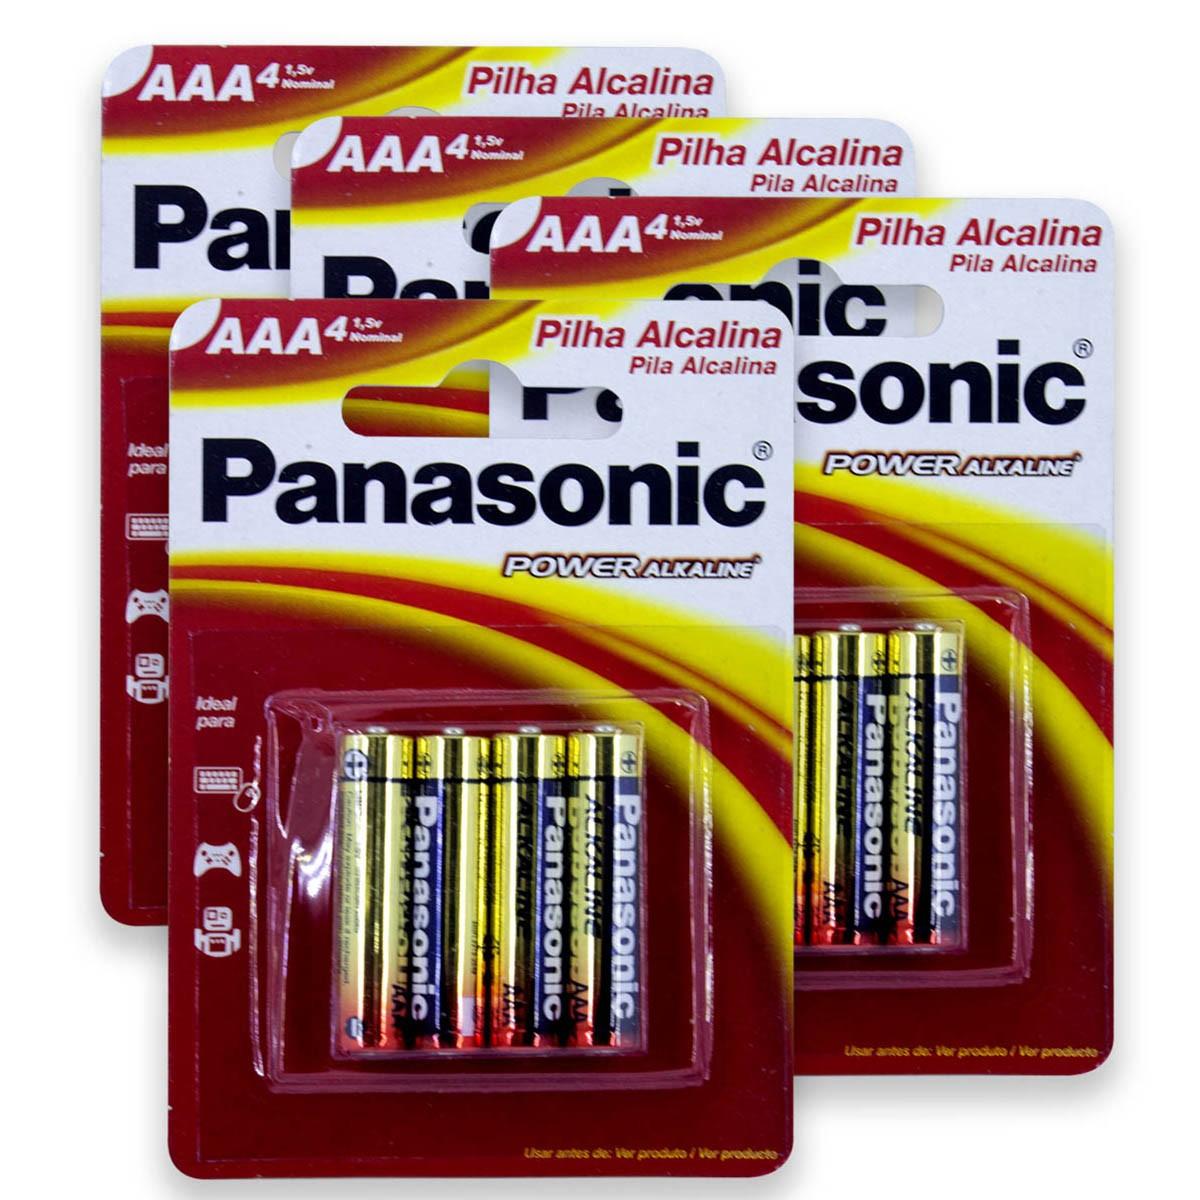 16 Pilhas AAA Alcalina PANASONIC 4 cartelas